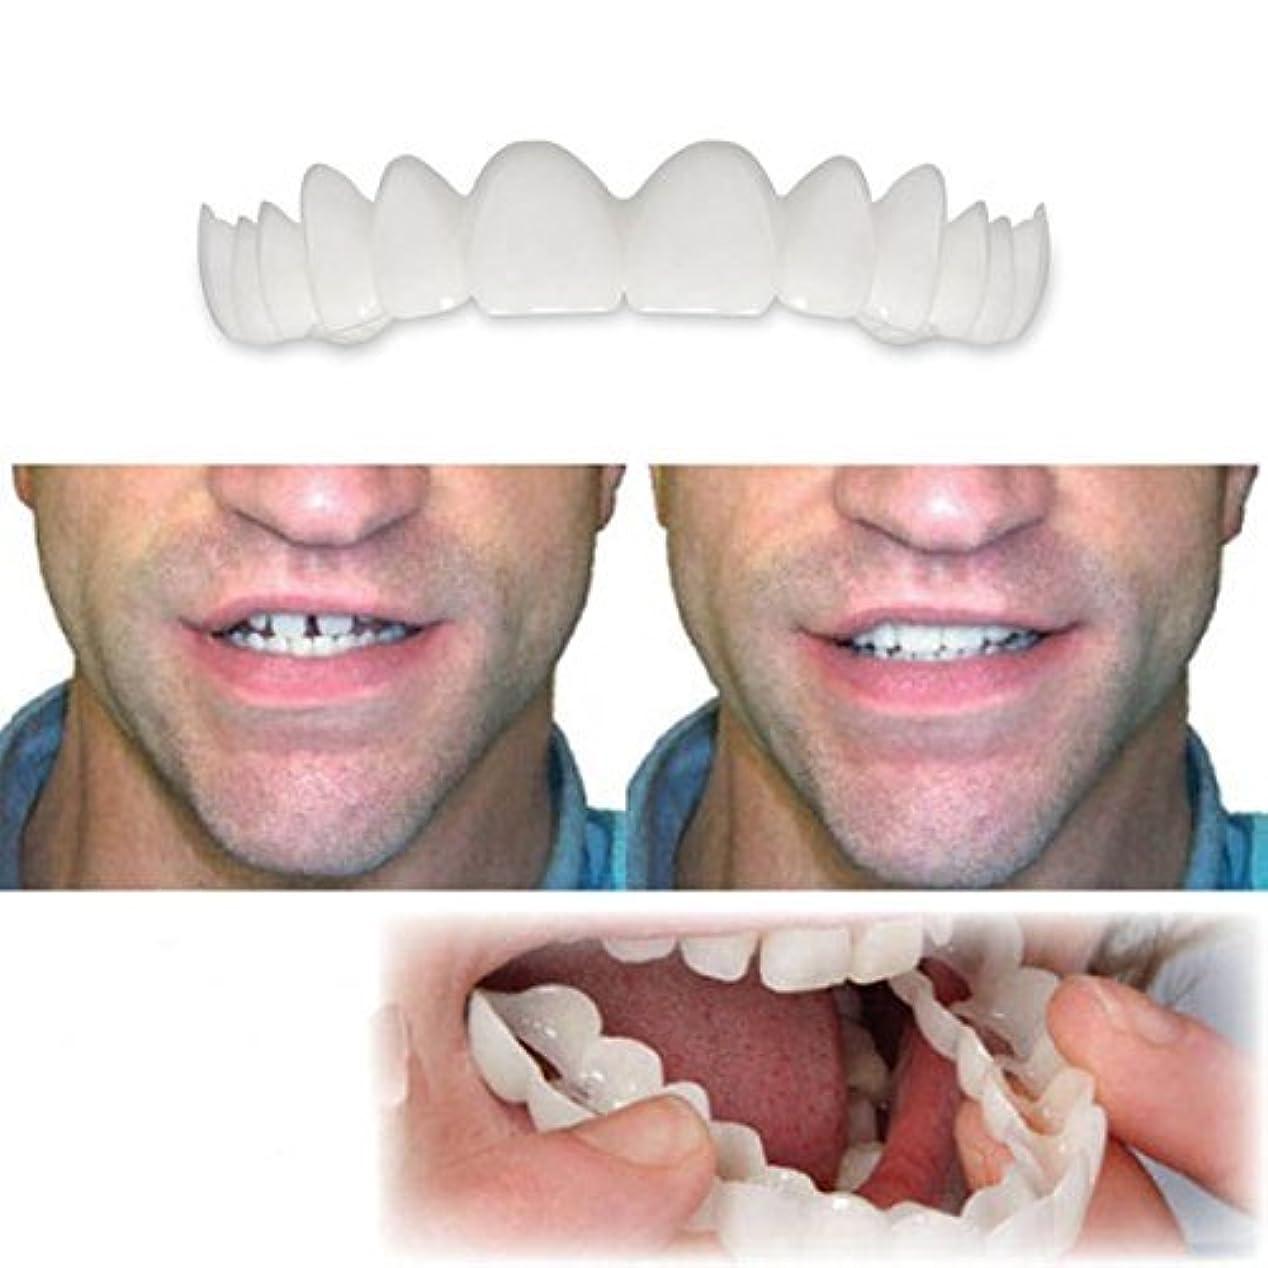 実験的傾向があります受取人義歯上下義歯インスタントスマイルコンフォートフィットフレックスコスメティックティーストップ化粧品突き合わせ箱入り(下+上),2Pairs